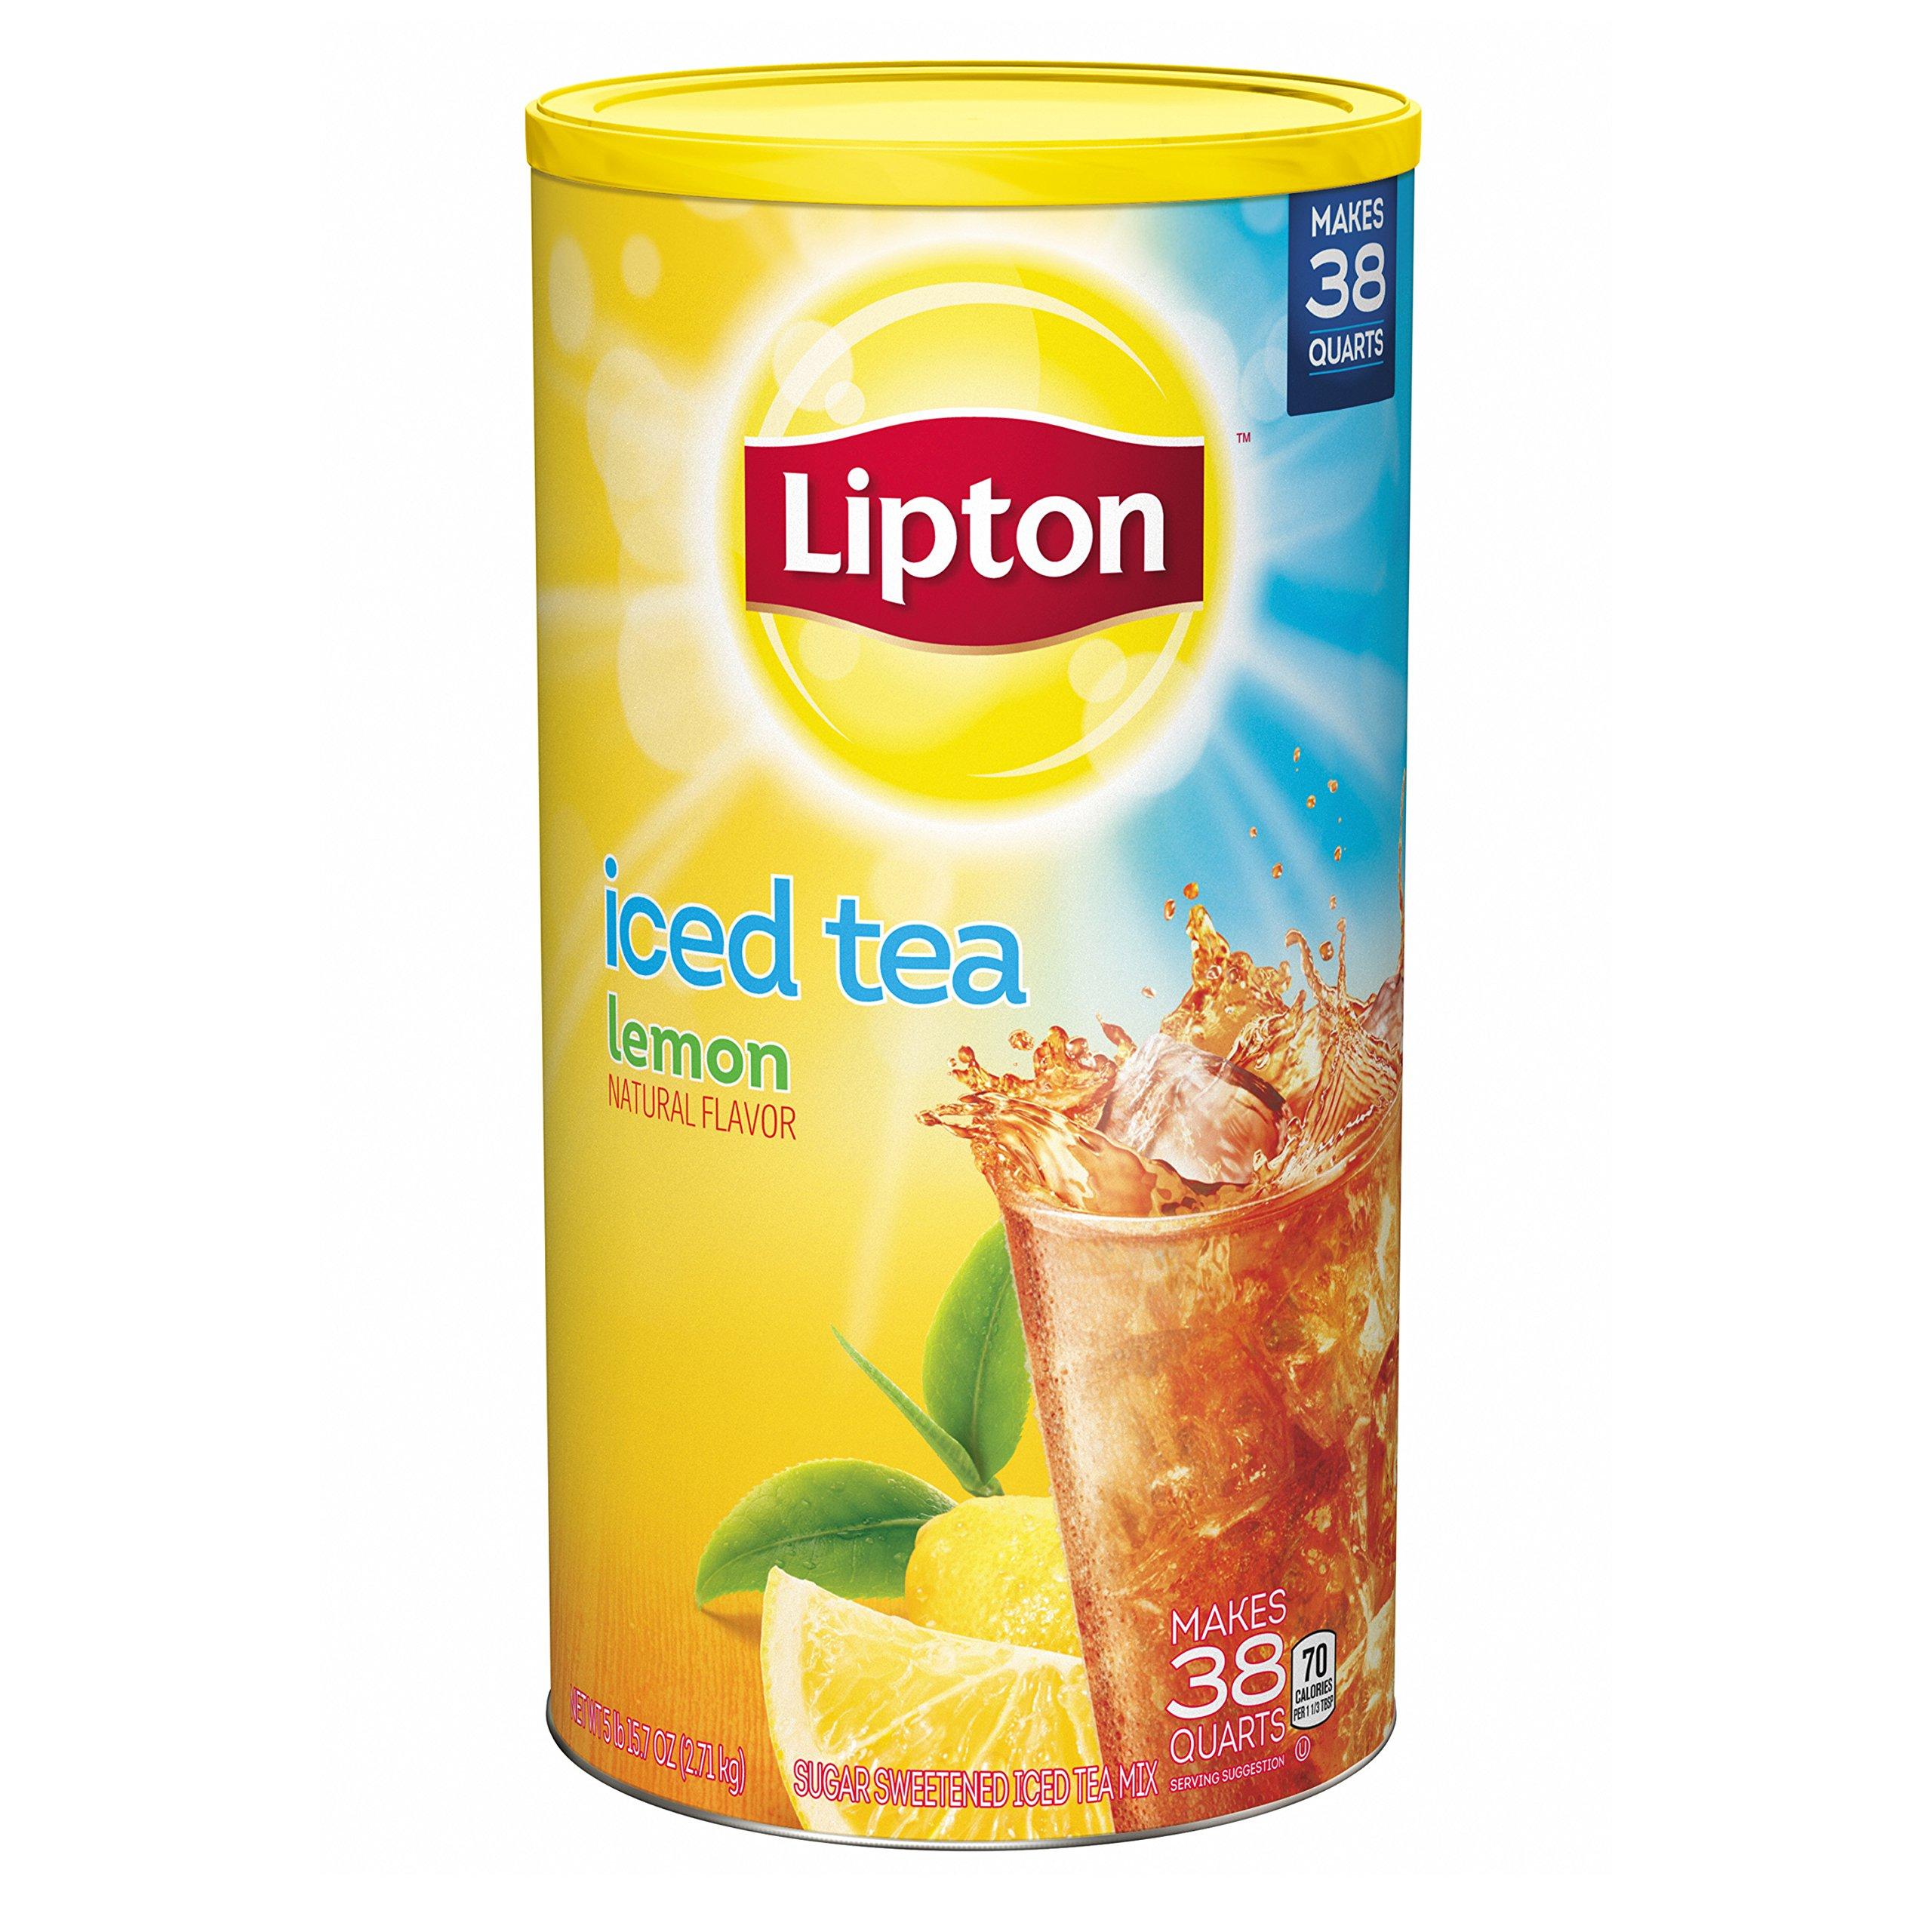 Lipton Iced Tea Mix, Lemon 38 qt by Lipton